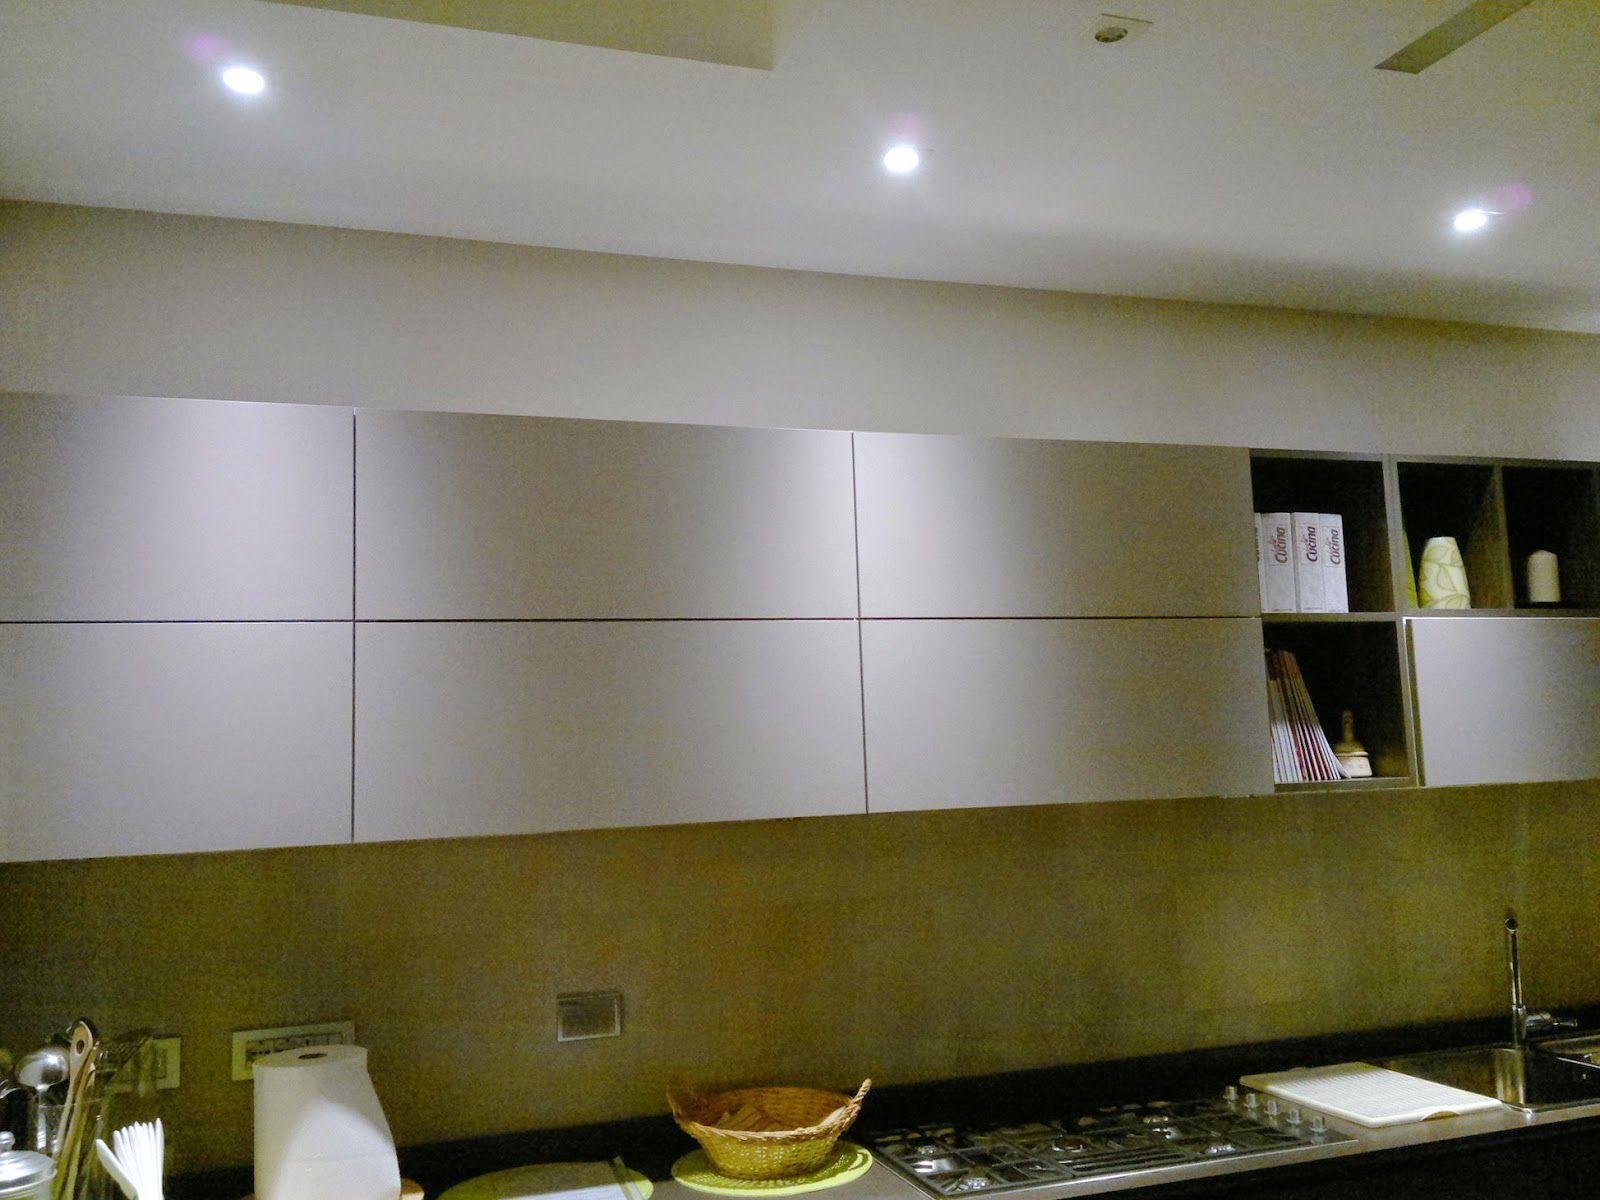 una cucina illuminata con faretti led a incasso  faretti led  Pinterest  Faretti, LED e Cucina